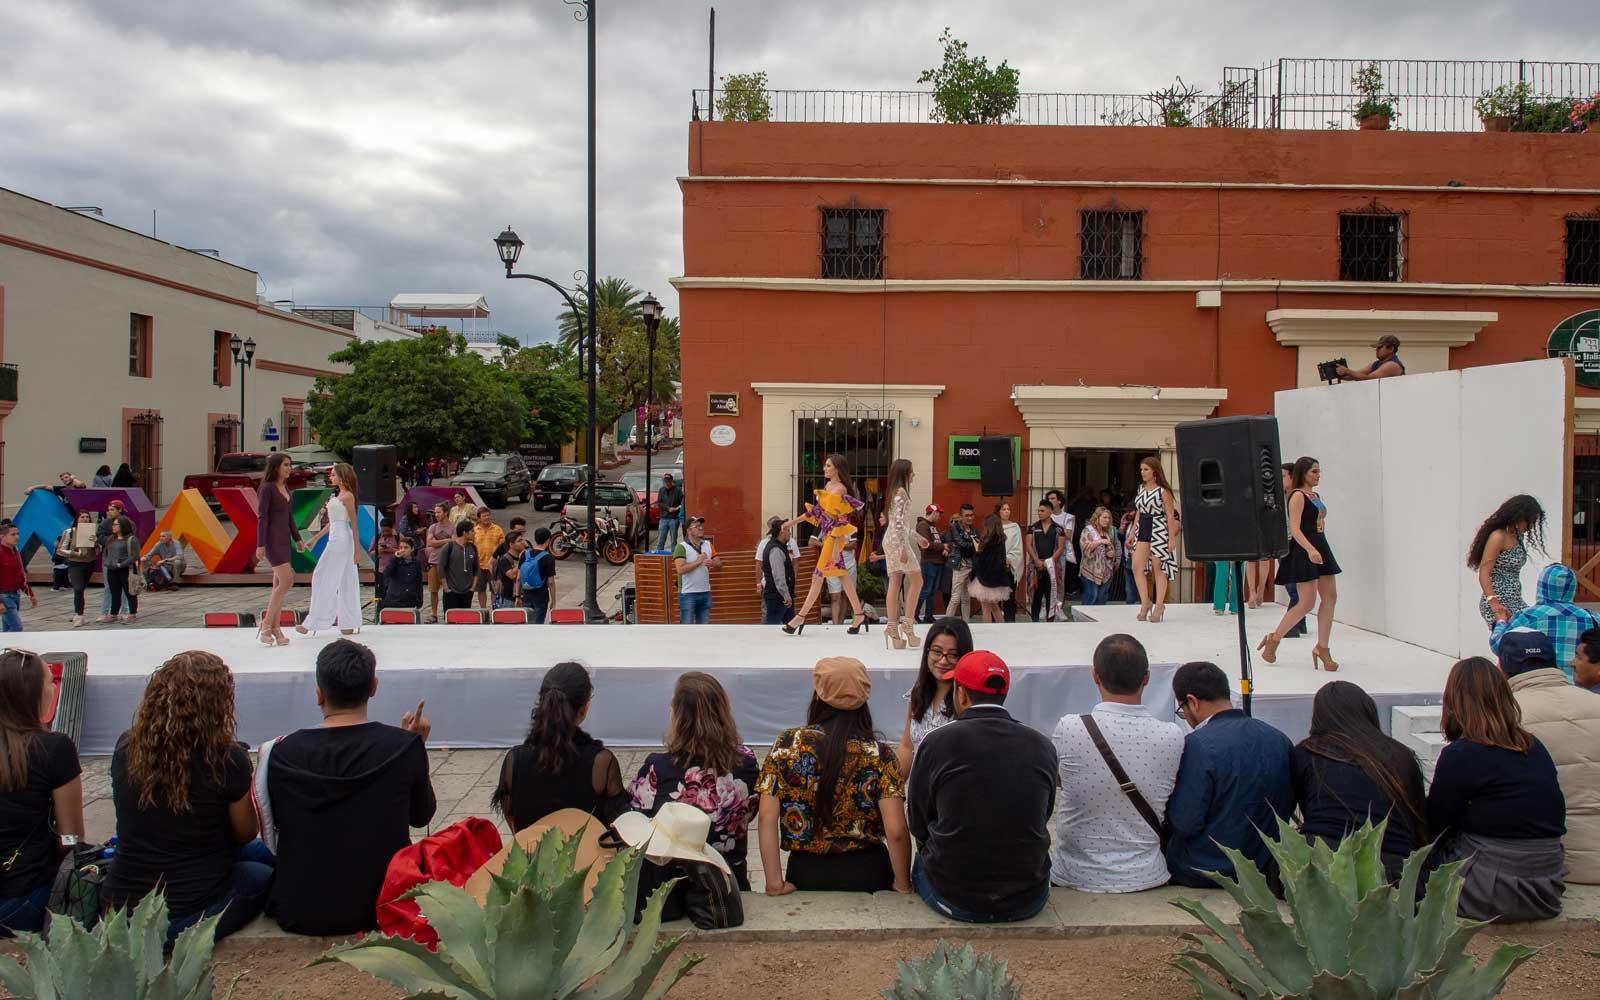 Schönheitswettbewerb / Modeschau in Oaxaca